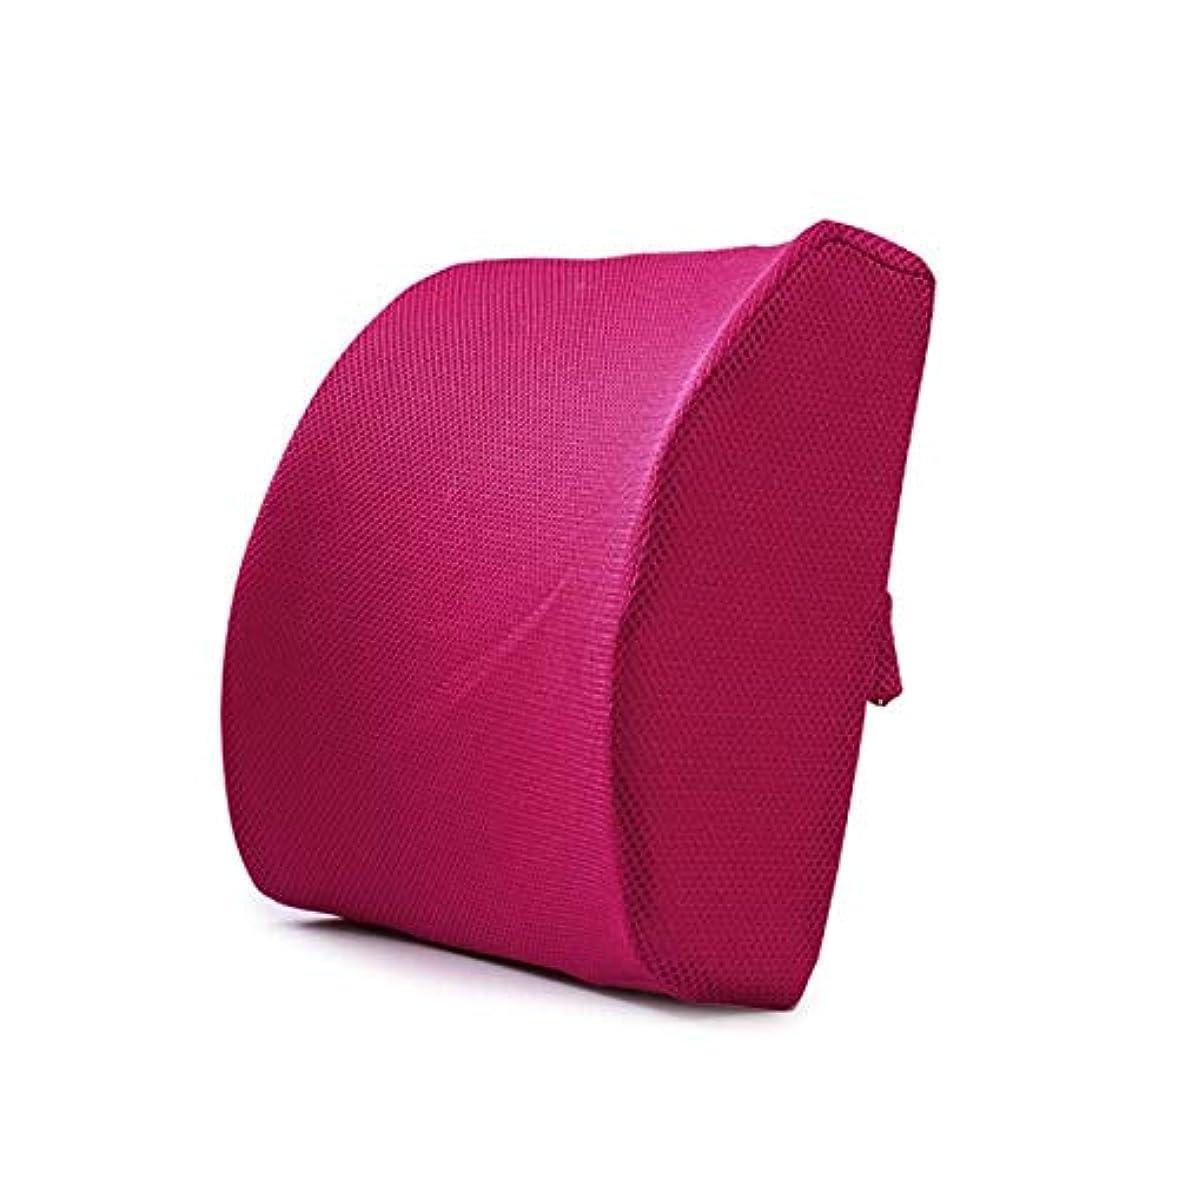 小さい慎重にドットLIFE ホームオフィス背もたれ椅子腰椎クッションカーシートネック枕 3D 低反発サポートバックマッサージウエストレスリビング枕 クッション 椅子